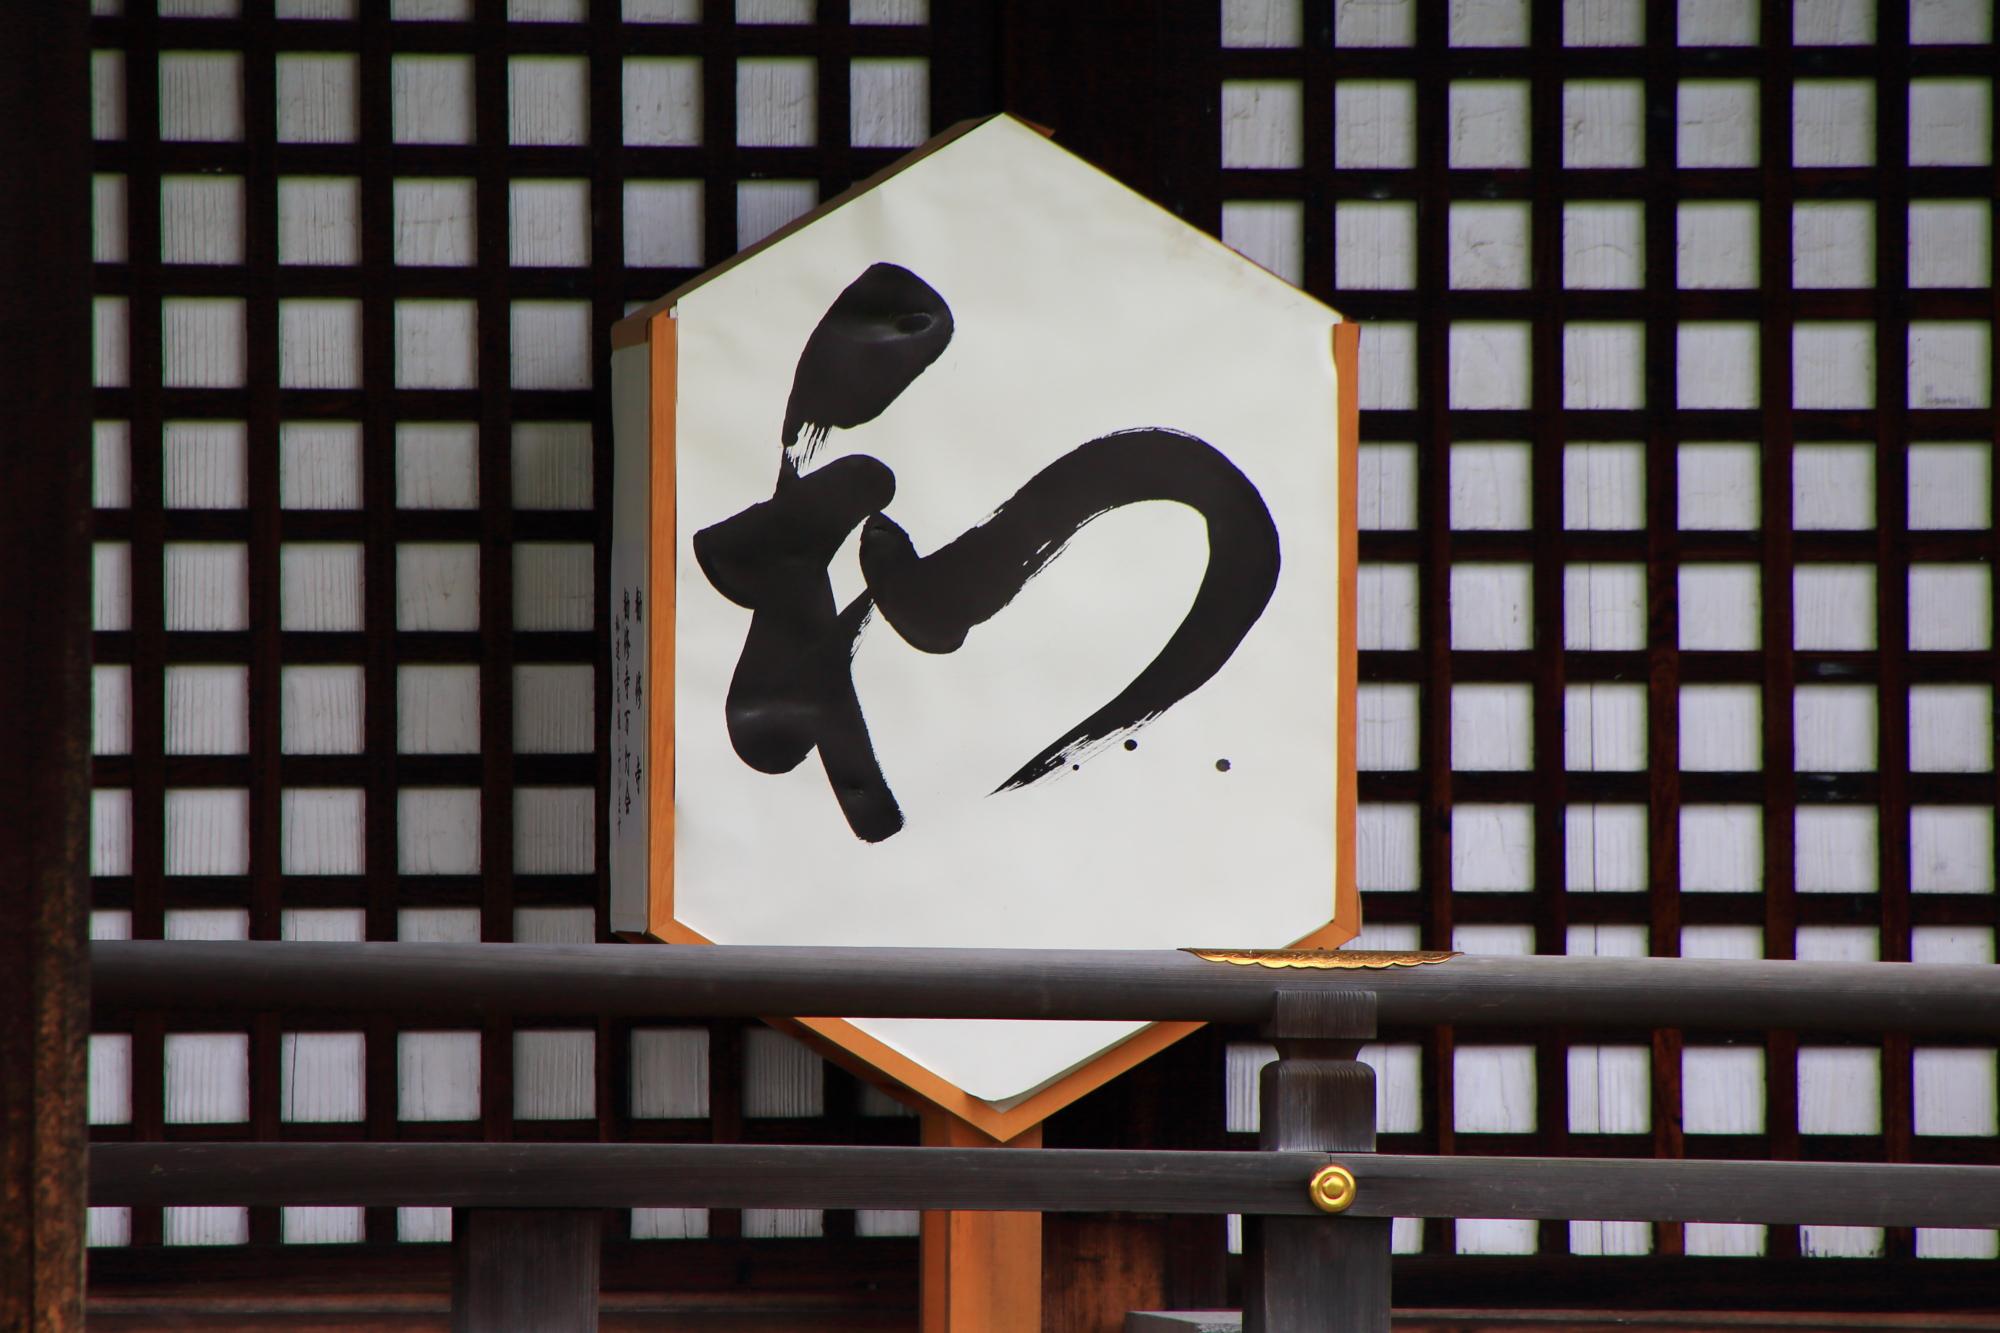 勧修寺の宸殿の「和」の文字